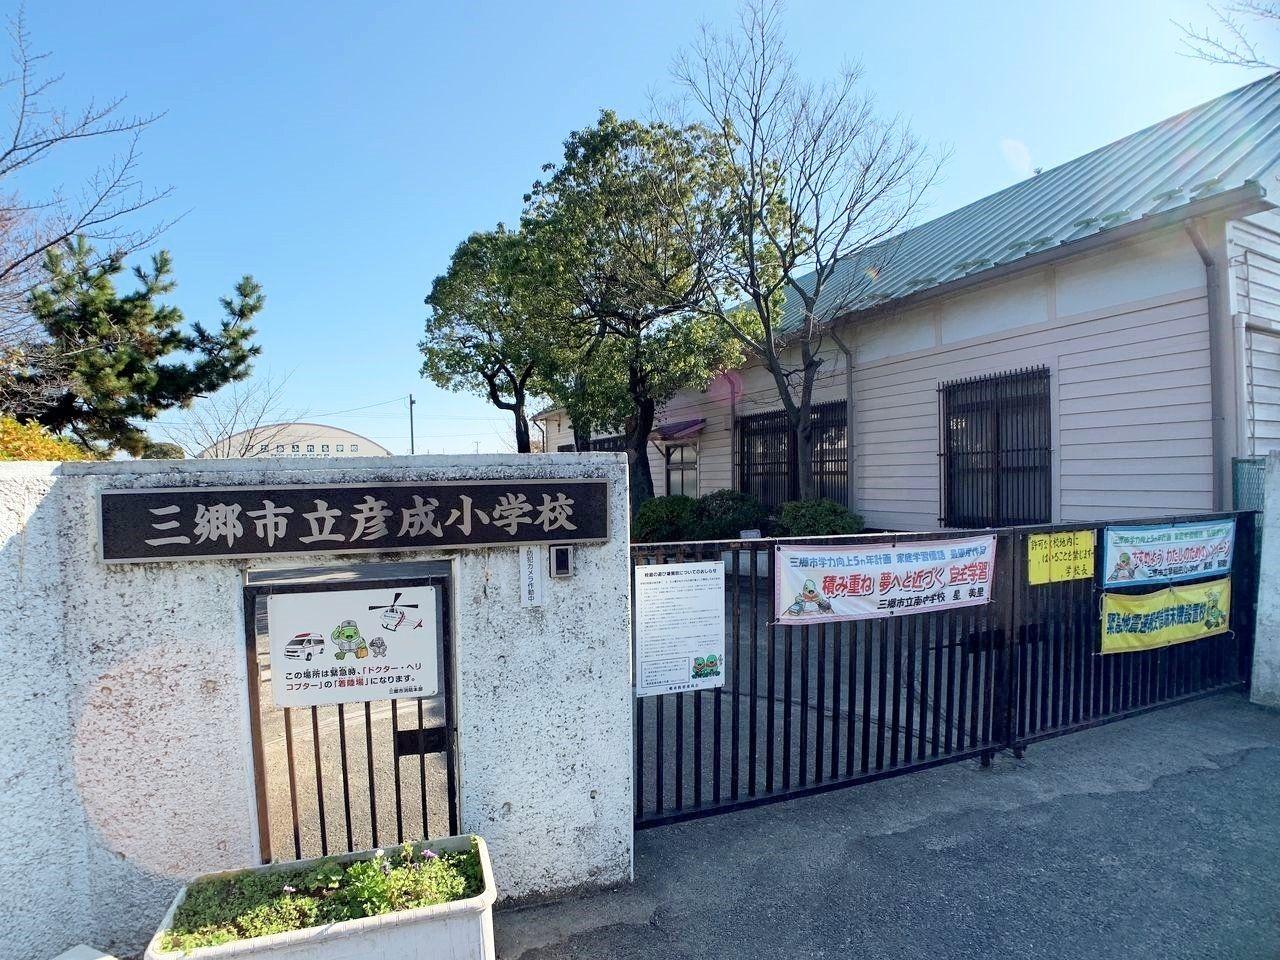 【彦成小学校編】三郷市の小学校から物件探し